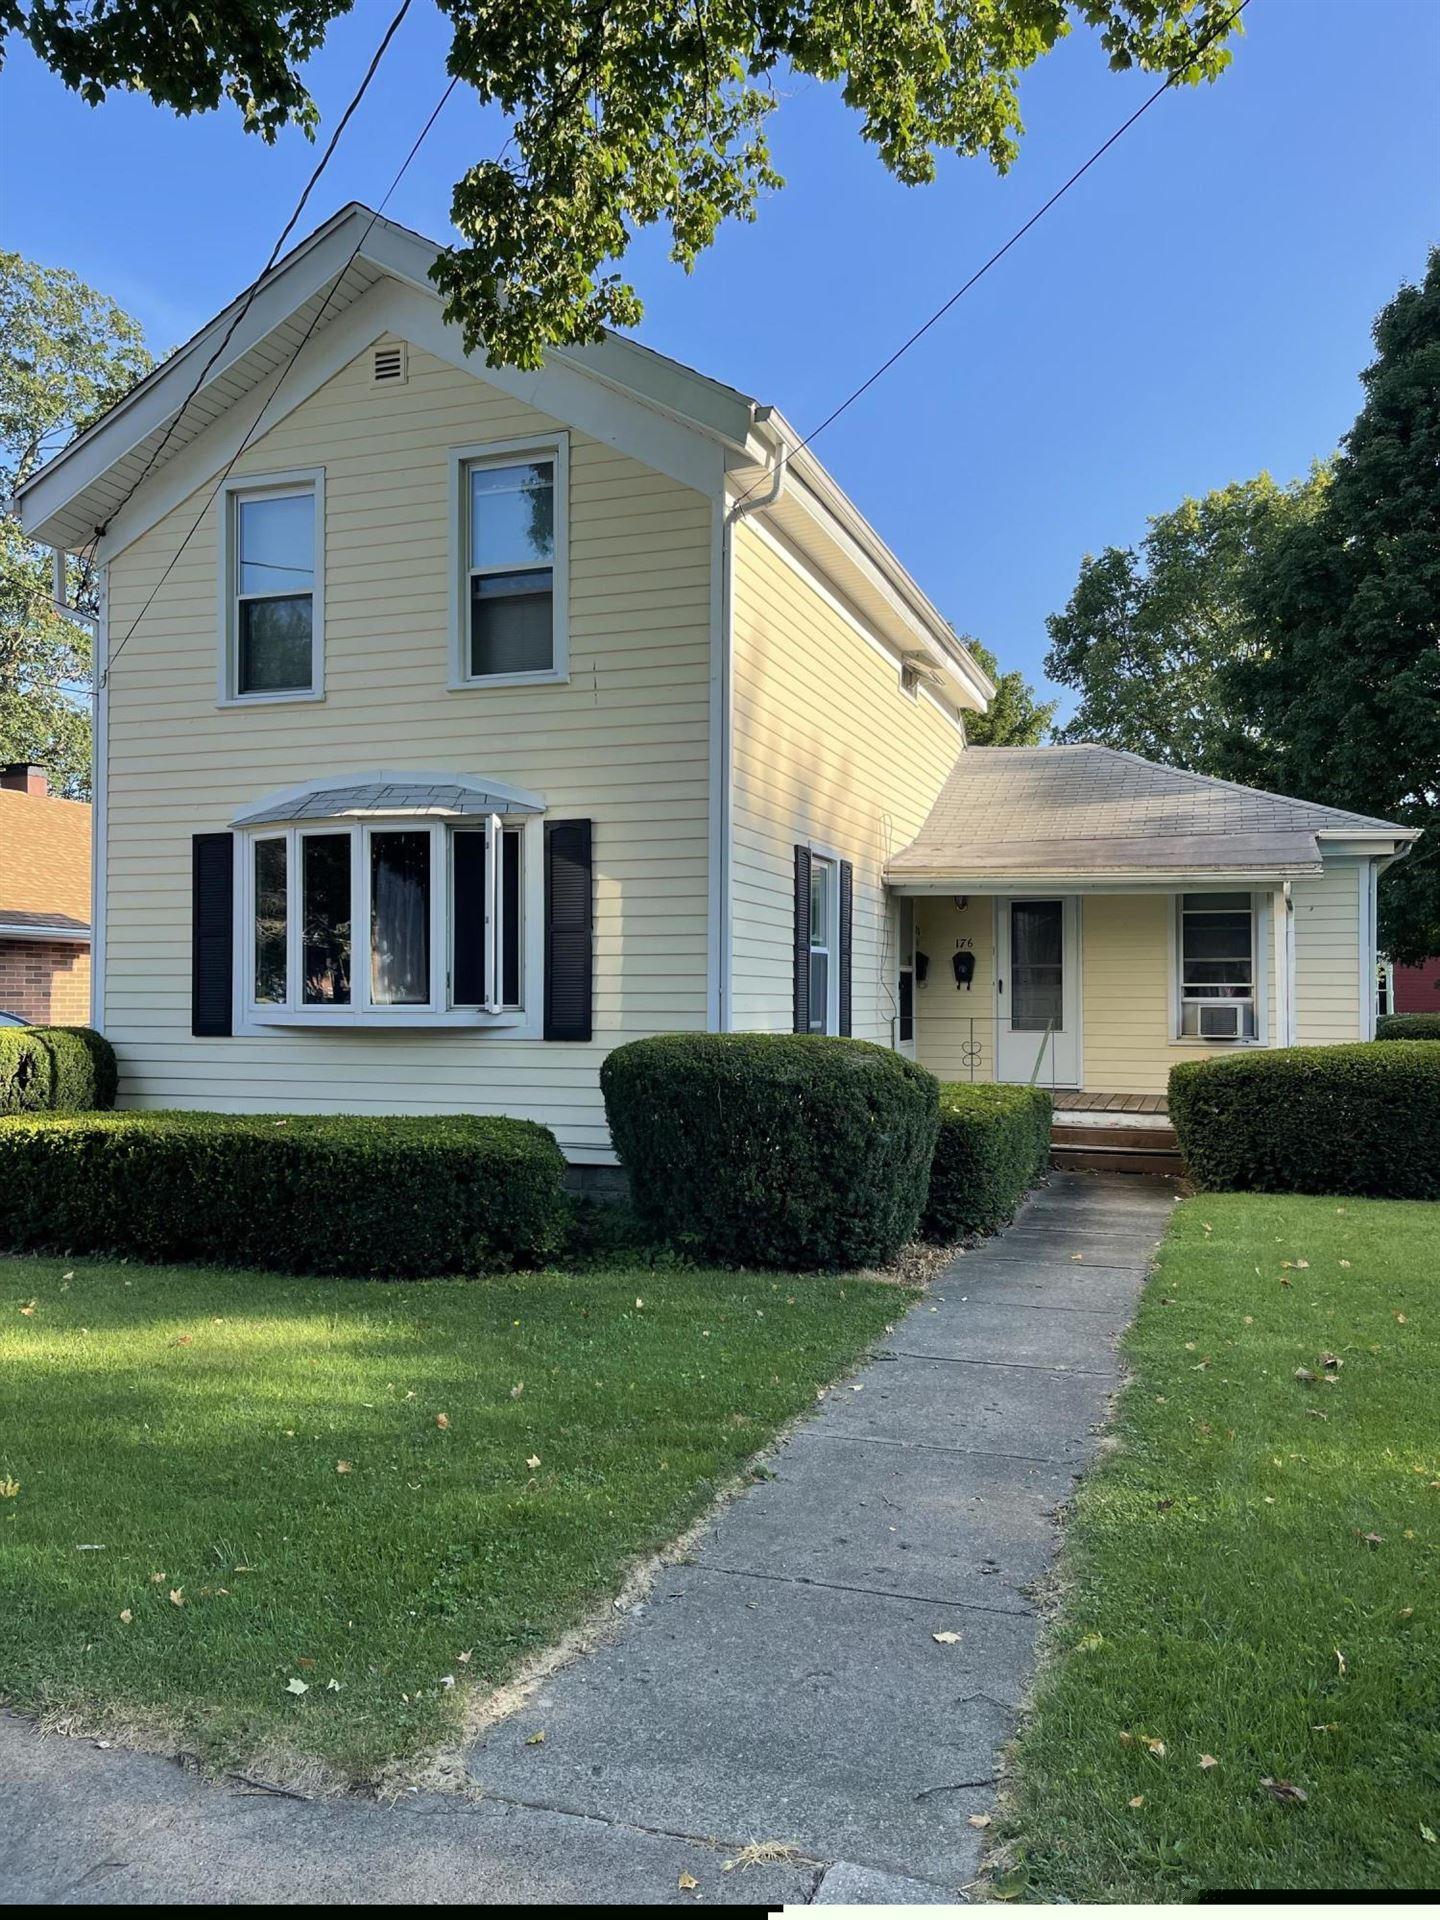 176 W Pearl Street, Coldwater, MI 49036 - MLS#: 21101764